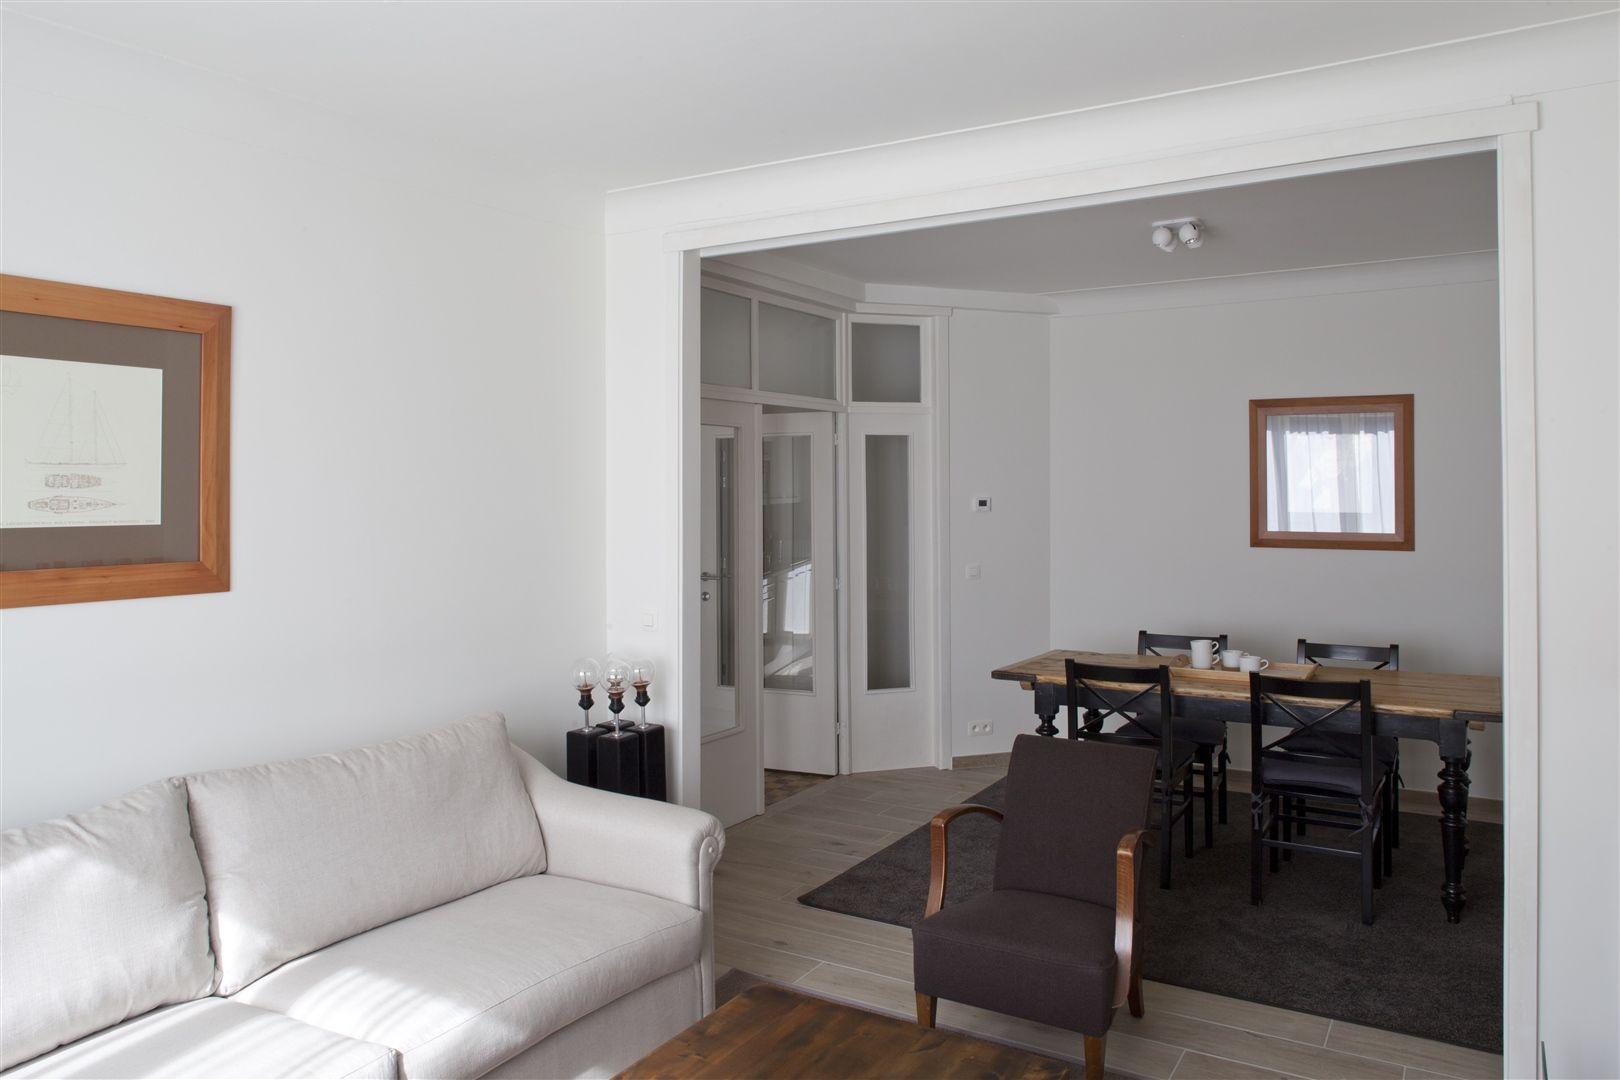 Instapklaar gemeubeld 1 slaapkamer appartement 1 595 brialmontlei 31 2018 antwerpen 2018 - Slaapkamer indeling ...